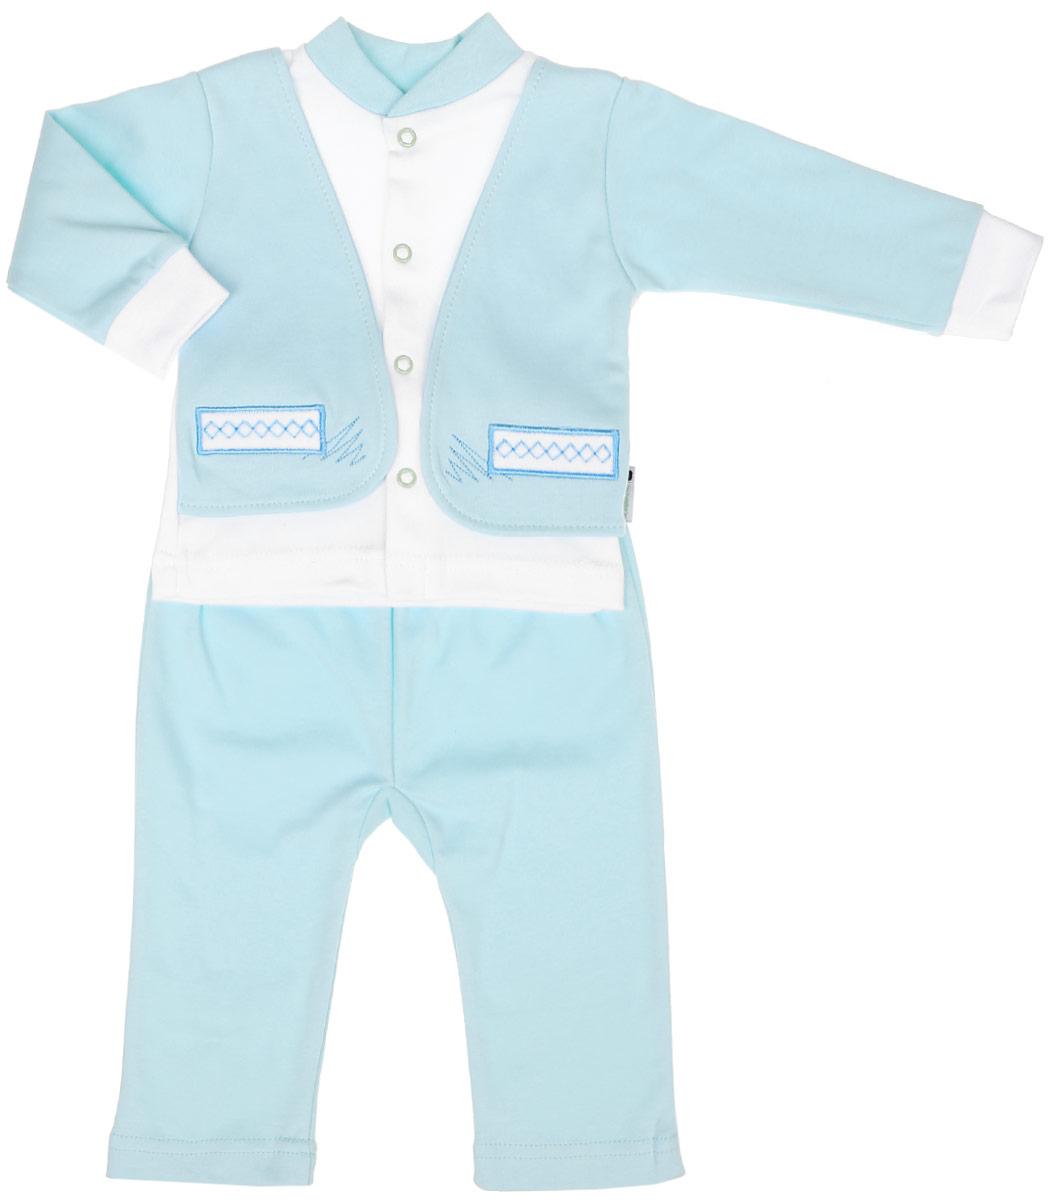 Комплект для мальчика Клякса: кофточка, штанишки, цвет: мятный, белый. 37к-2005. Размер 7437к-2005Комплект для мальчика Клякса, изготовленный из натурального хлопка, состоит из кофточки и штанишек. Кофточка с имитацией пиджака застегивается спереди на кнопки. Модель с длинными рукавами имеет круглый вырез горловины, дополненный мягкой трикотажной резинкой. На рукавах предусмотрены эластичные манжеты. Кофточка украшена вышивкой. Штанишки с завышенной линией талии имеют мягкий эластичный пояс.